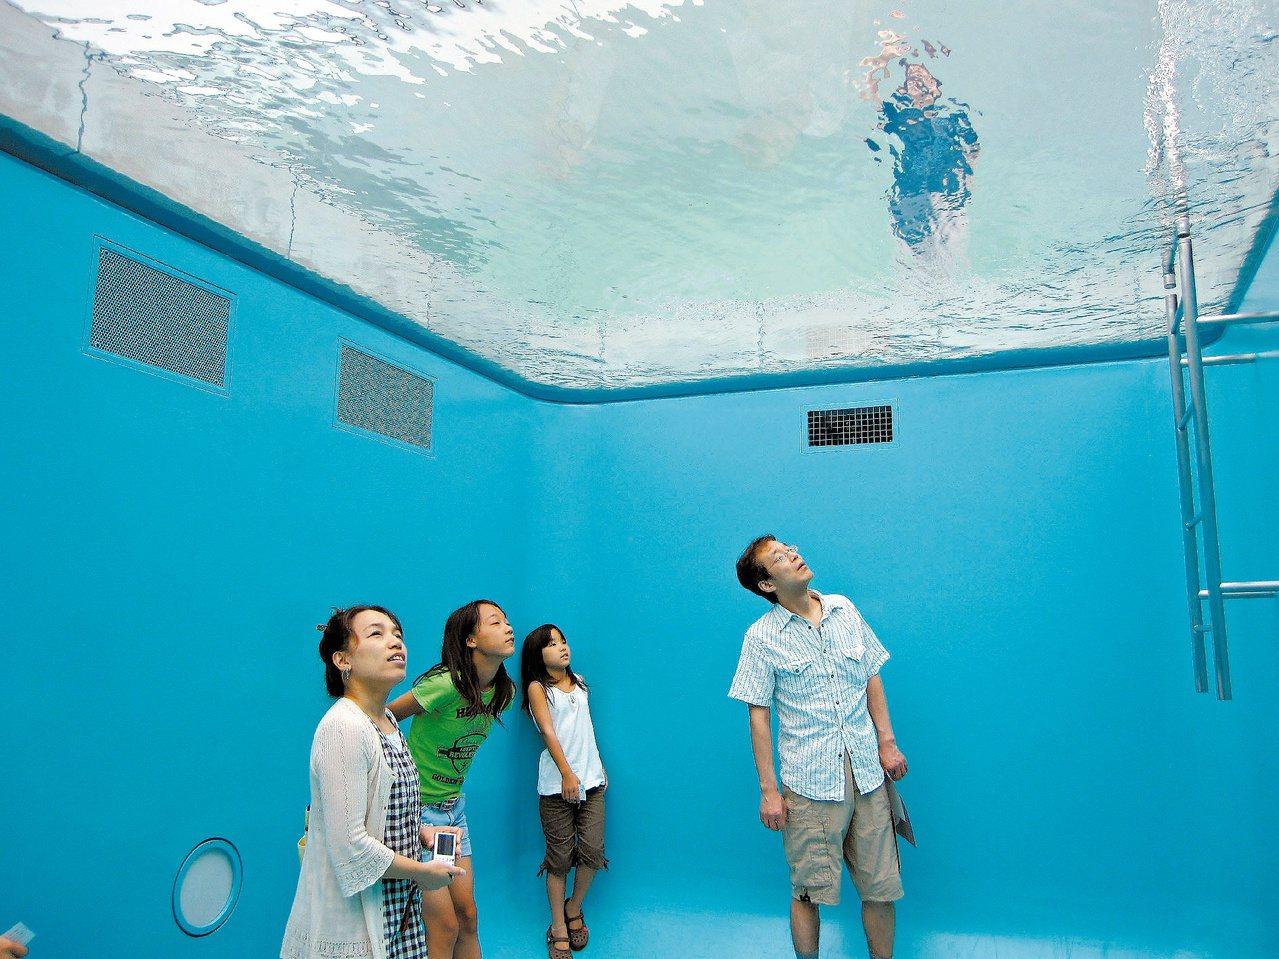 「咦?頭頂上有人?」這是金澤21世紀美術館著名的作品「游泳池」。記者林政忠/攝影